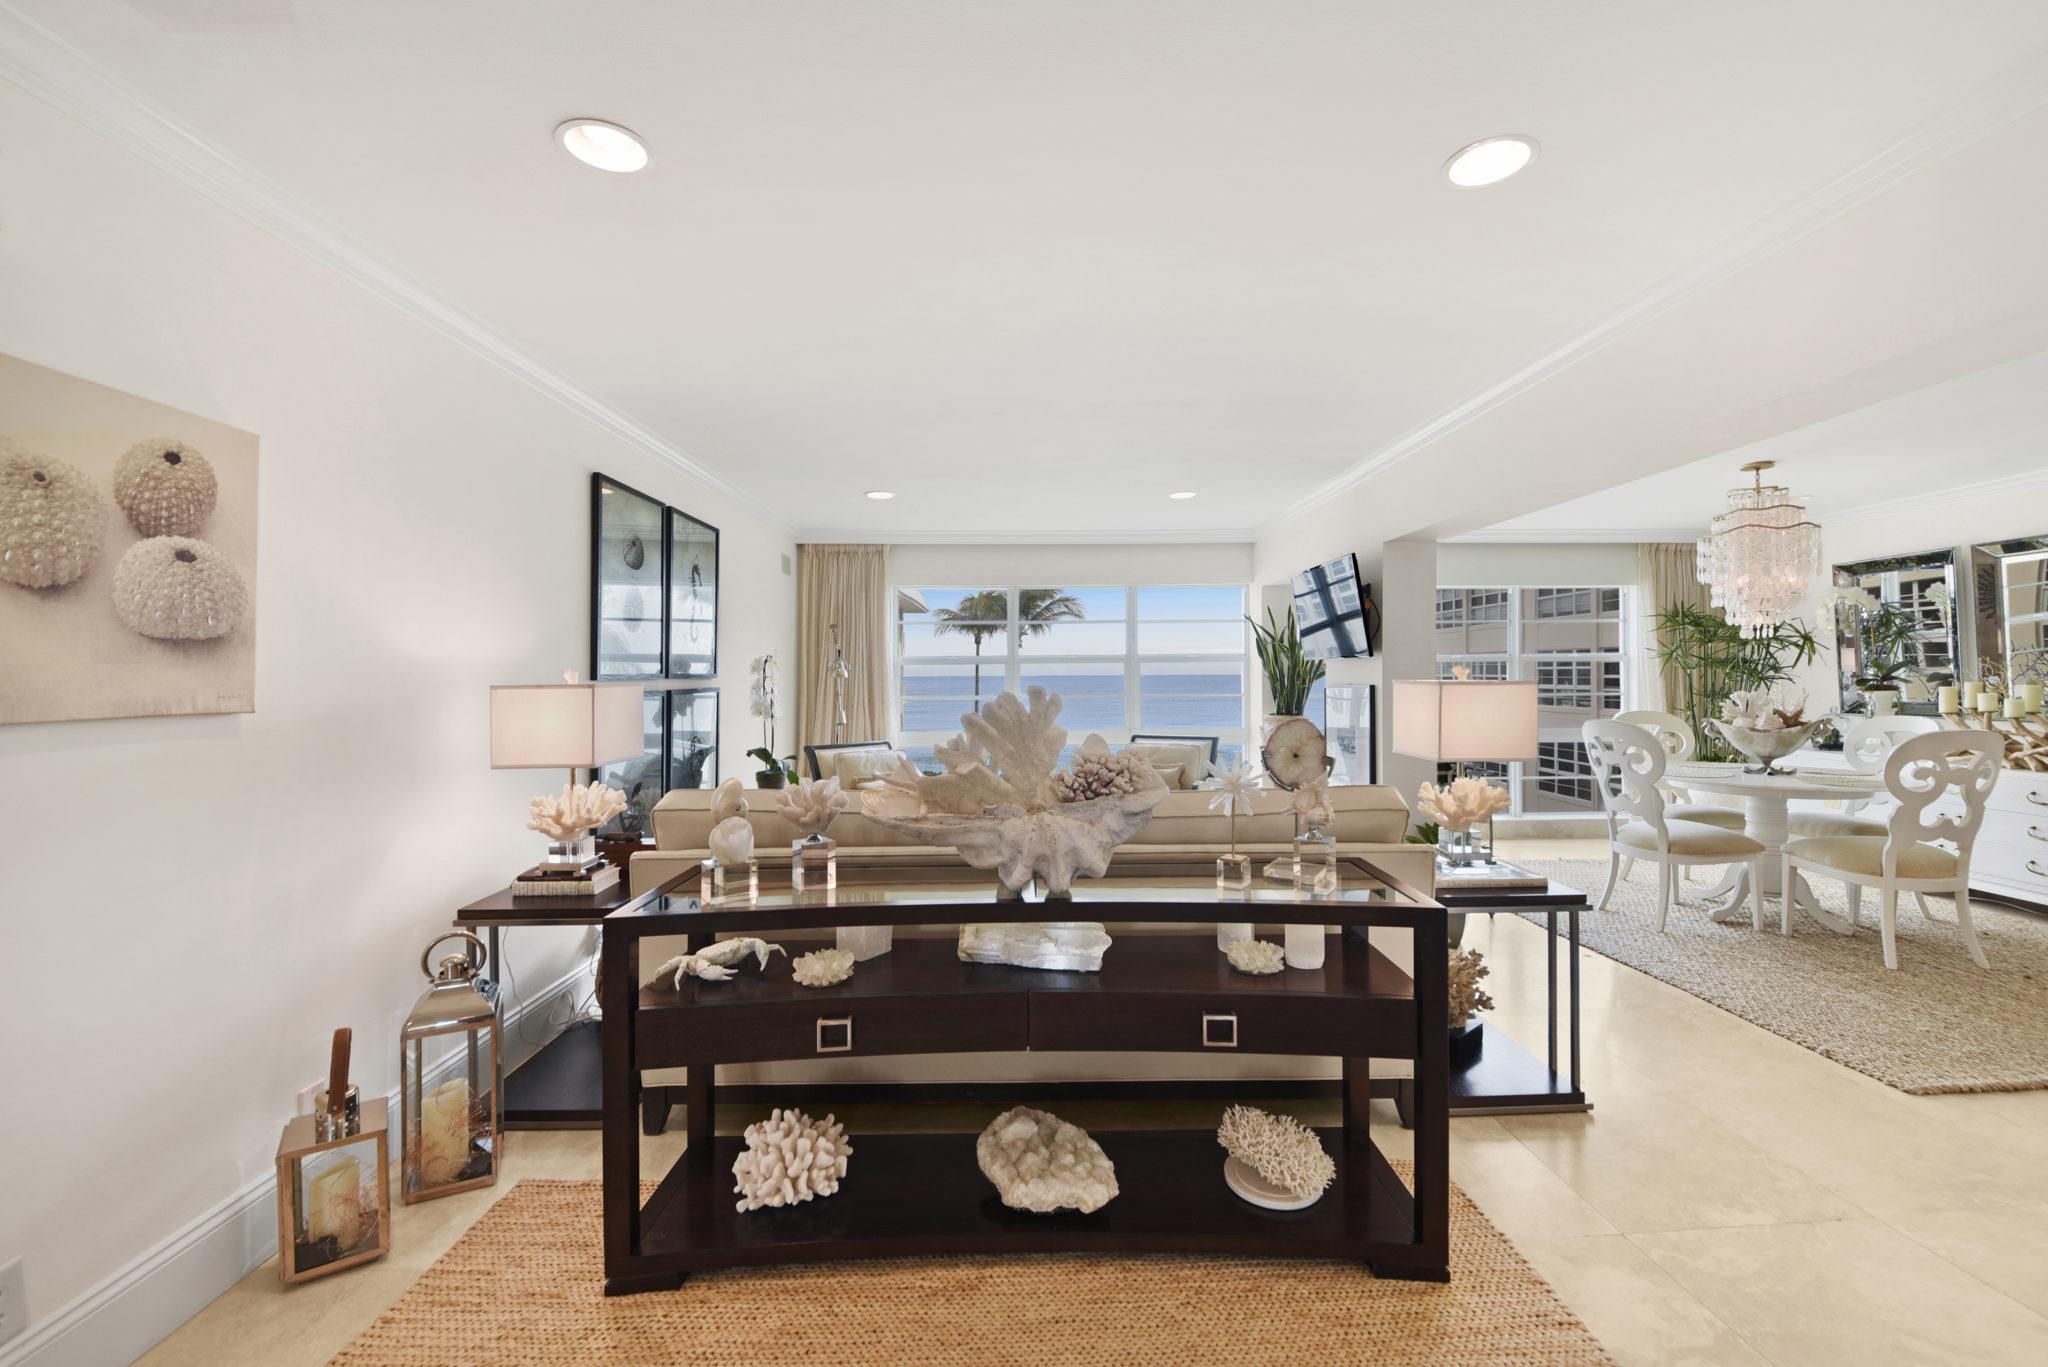 Gulfstream. FL BEach Condo 307 - Architectural Design Studios 7